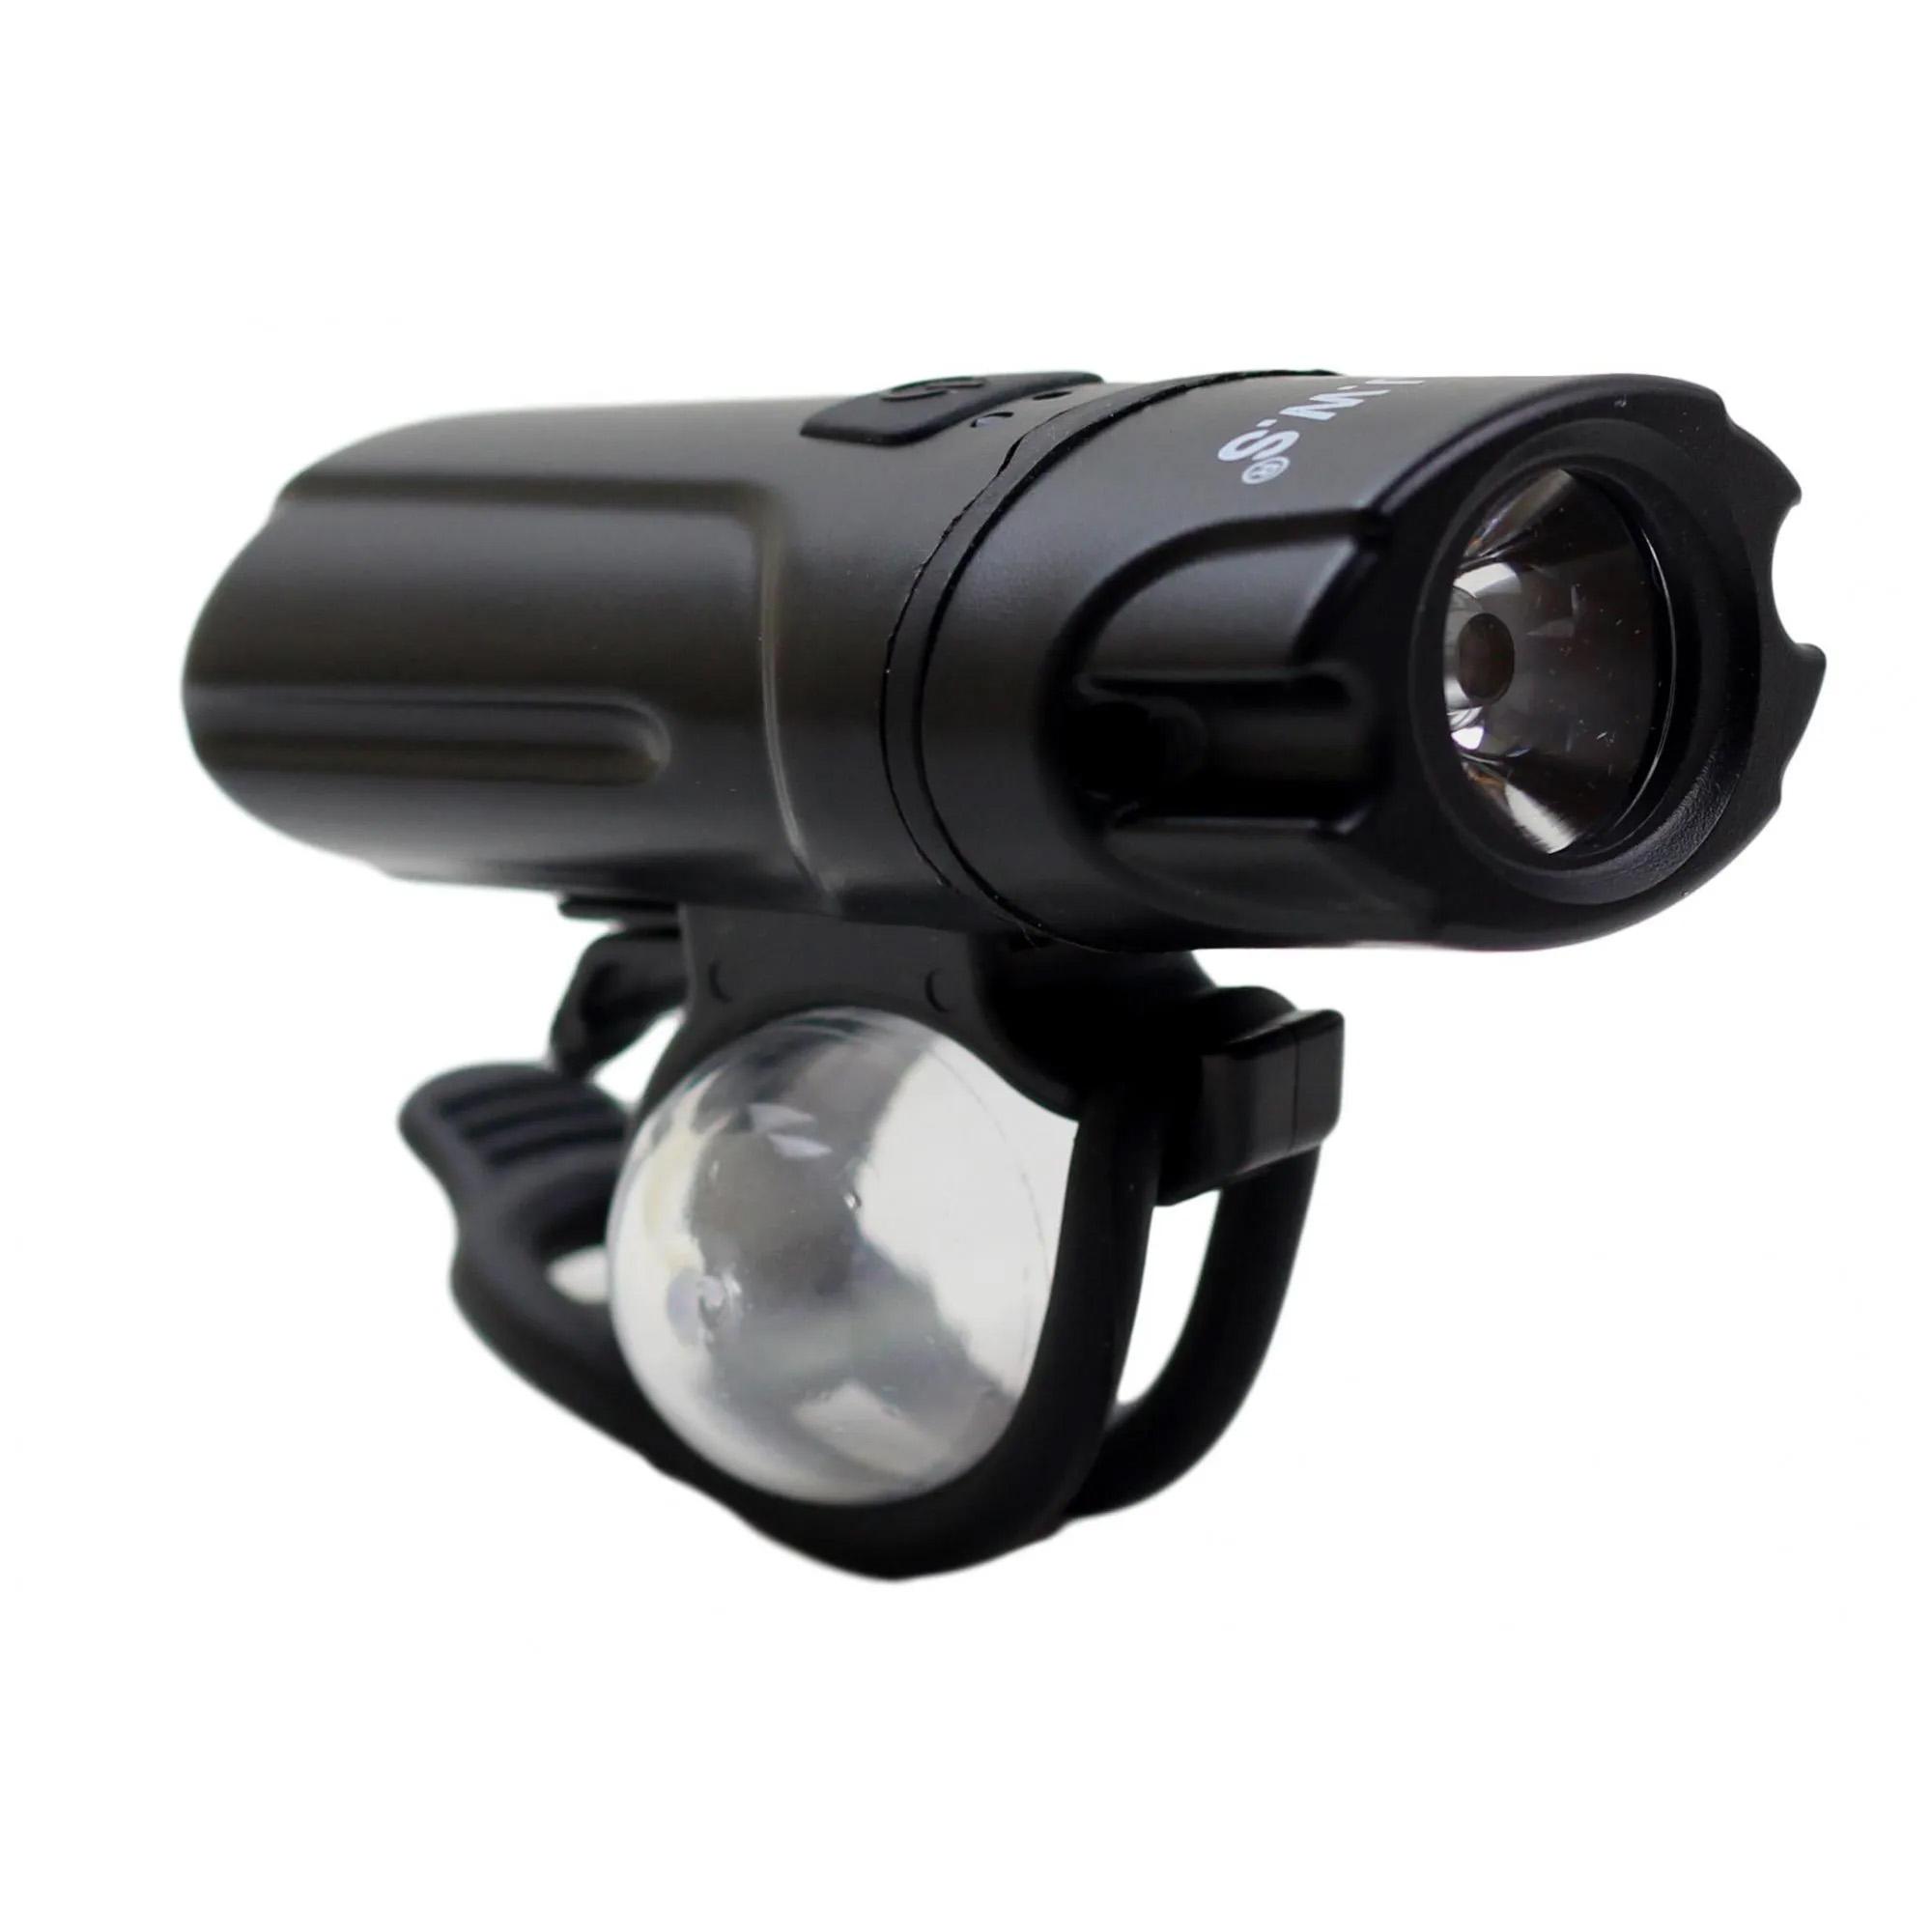 Farol Super LED JWS WS-8209 Para Bicicleta À Prova d'agua Recarregável USB Mini